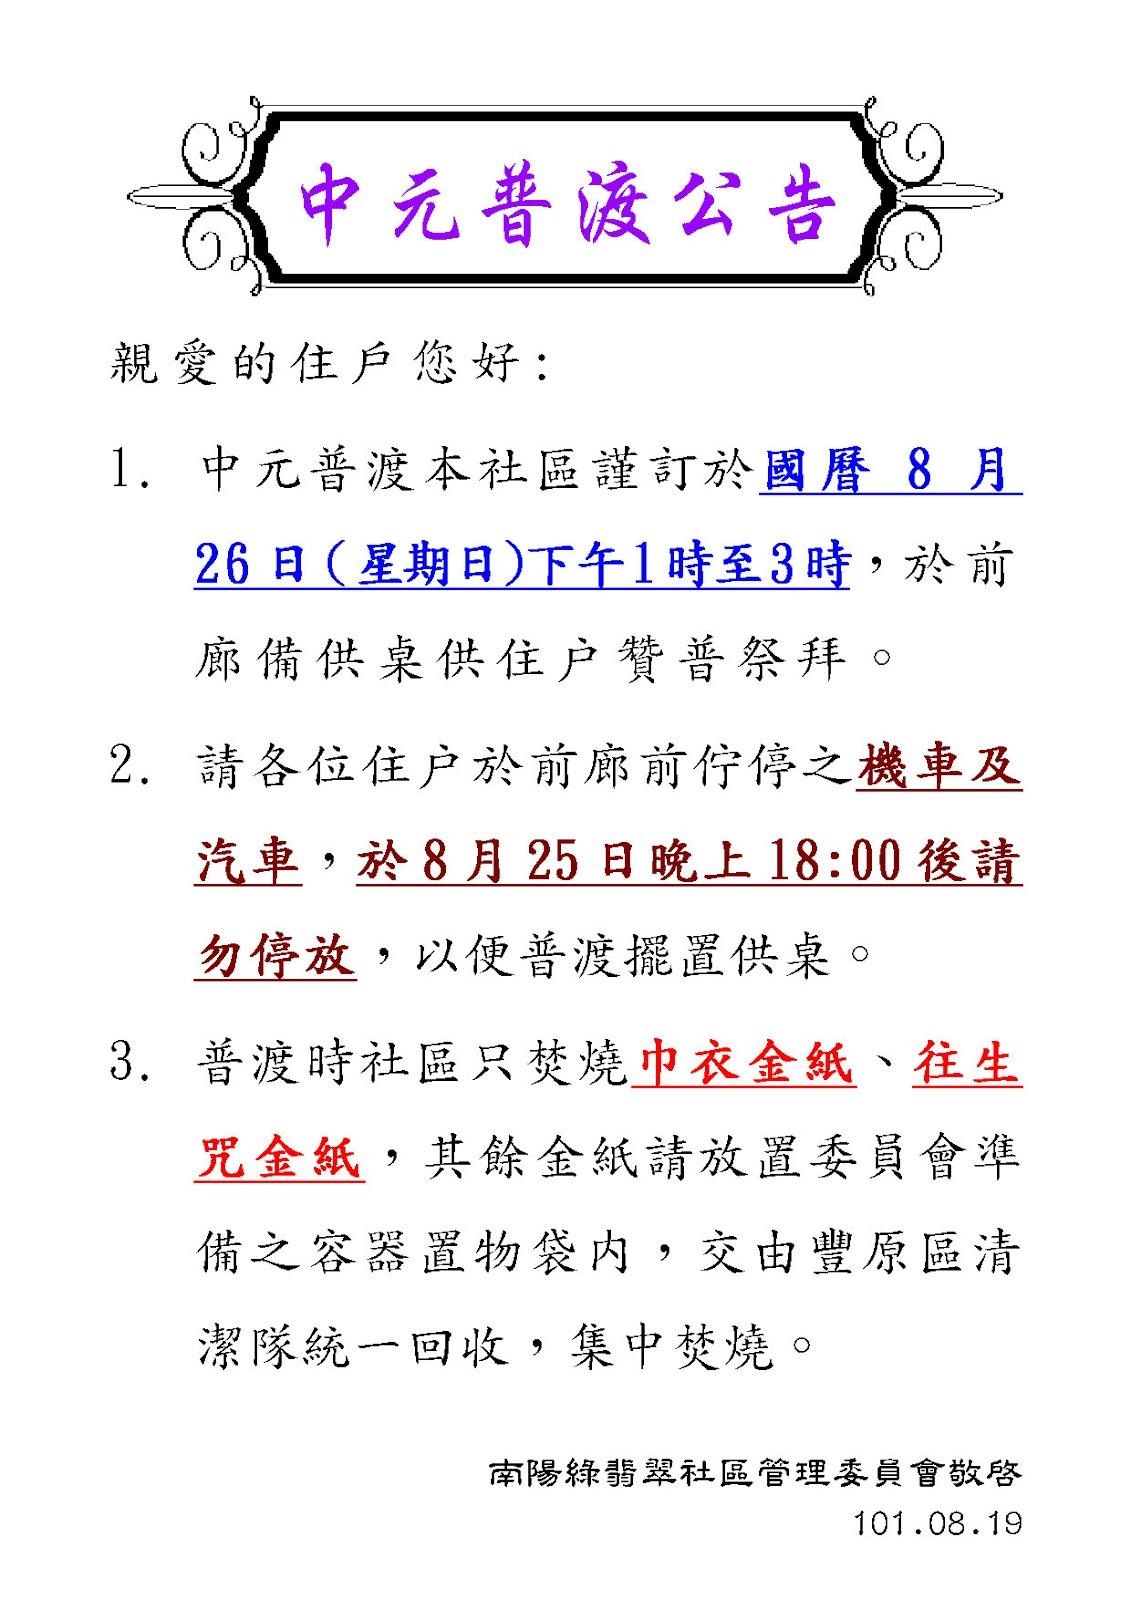 『 南陽綠翡翠』社區管理委員會: 8/19 中元節普渡公告